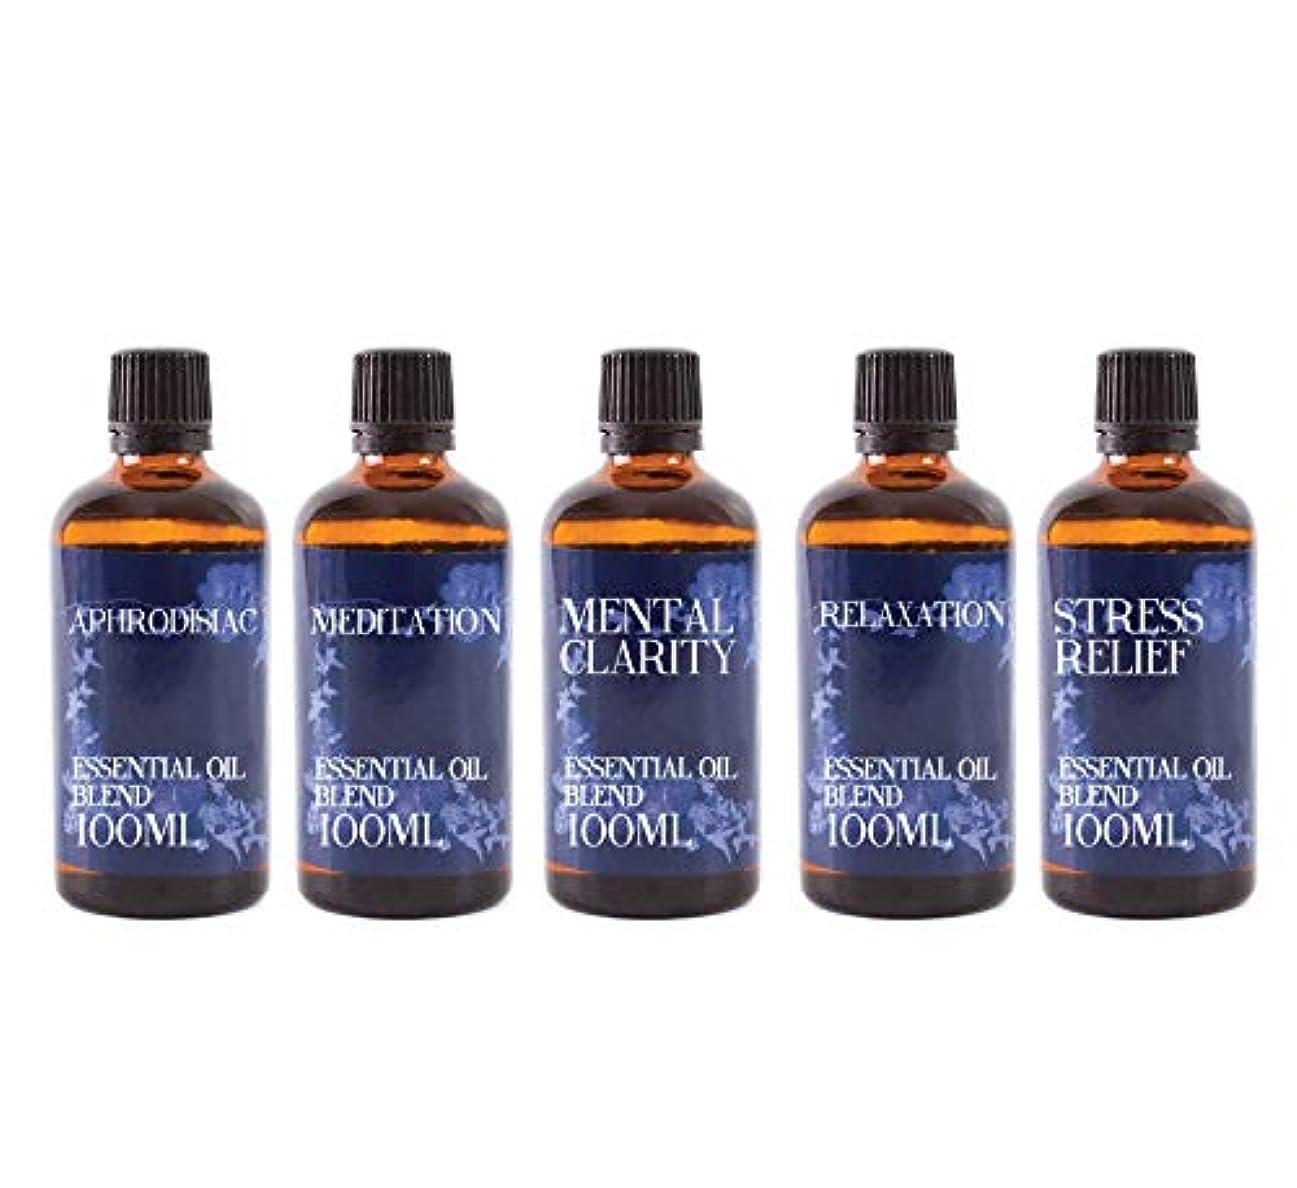 印象比較的またねMystix London | Gift Starter Pack of 5 x 100ml - Modern Day Remedies - Essential Oil Blends